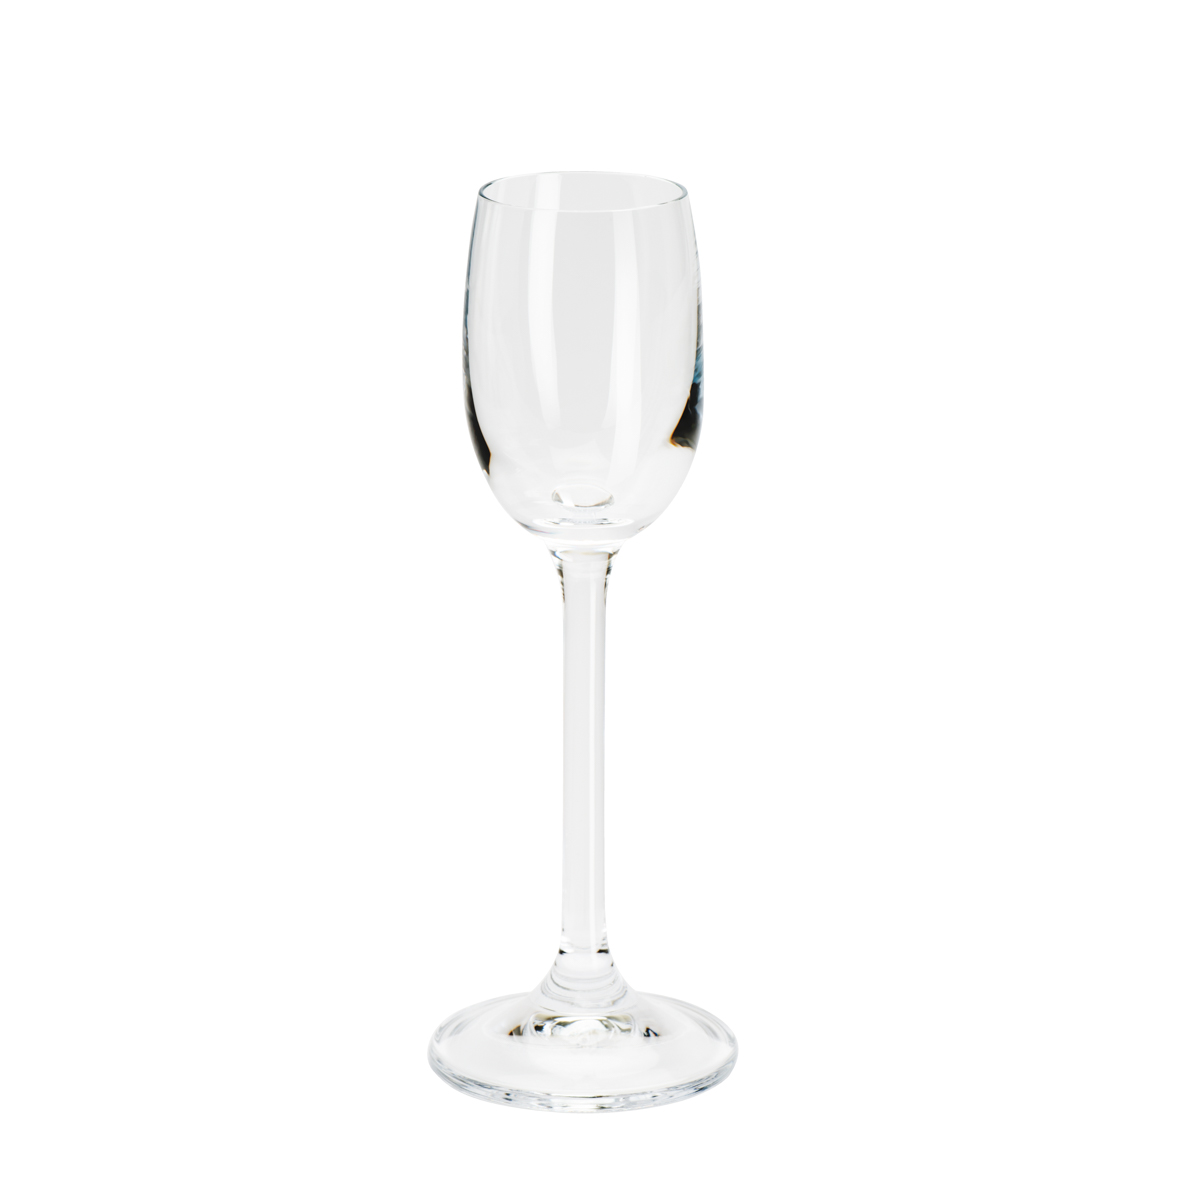 Jogo de 6 Taças para Licor em Cristal Bohemia Gastro/Colibri 60ml